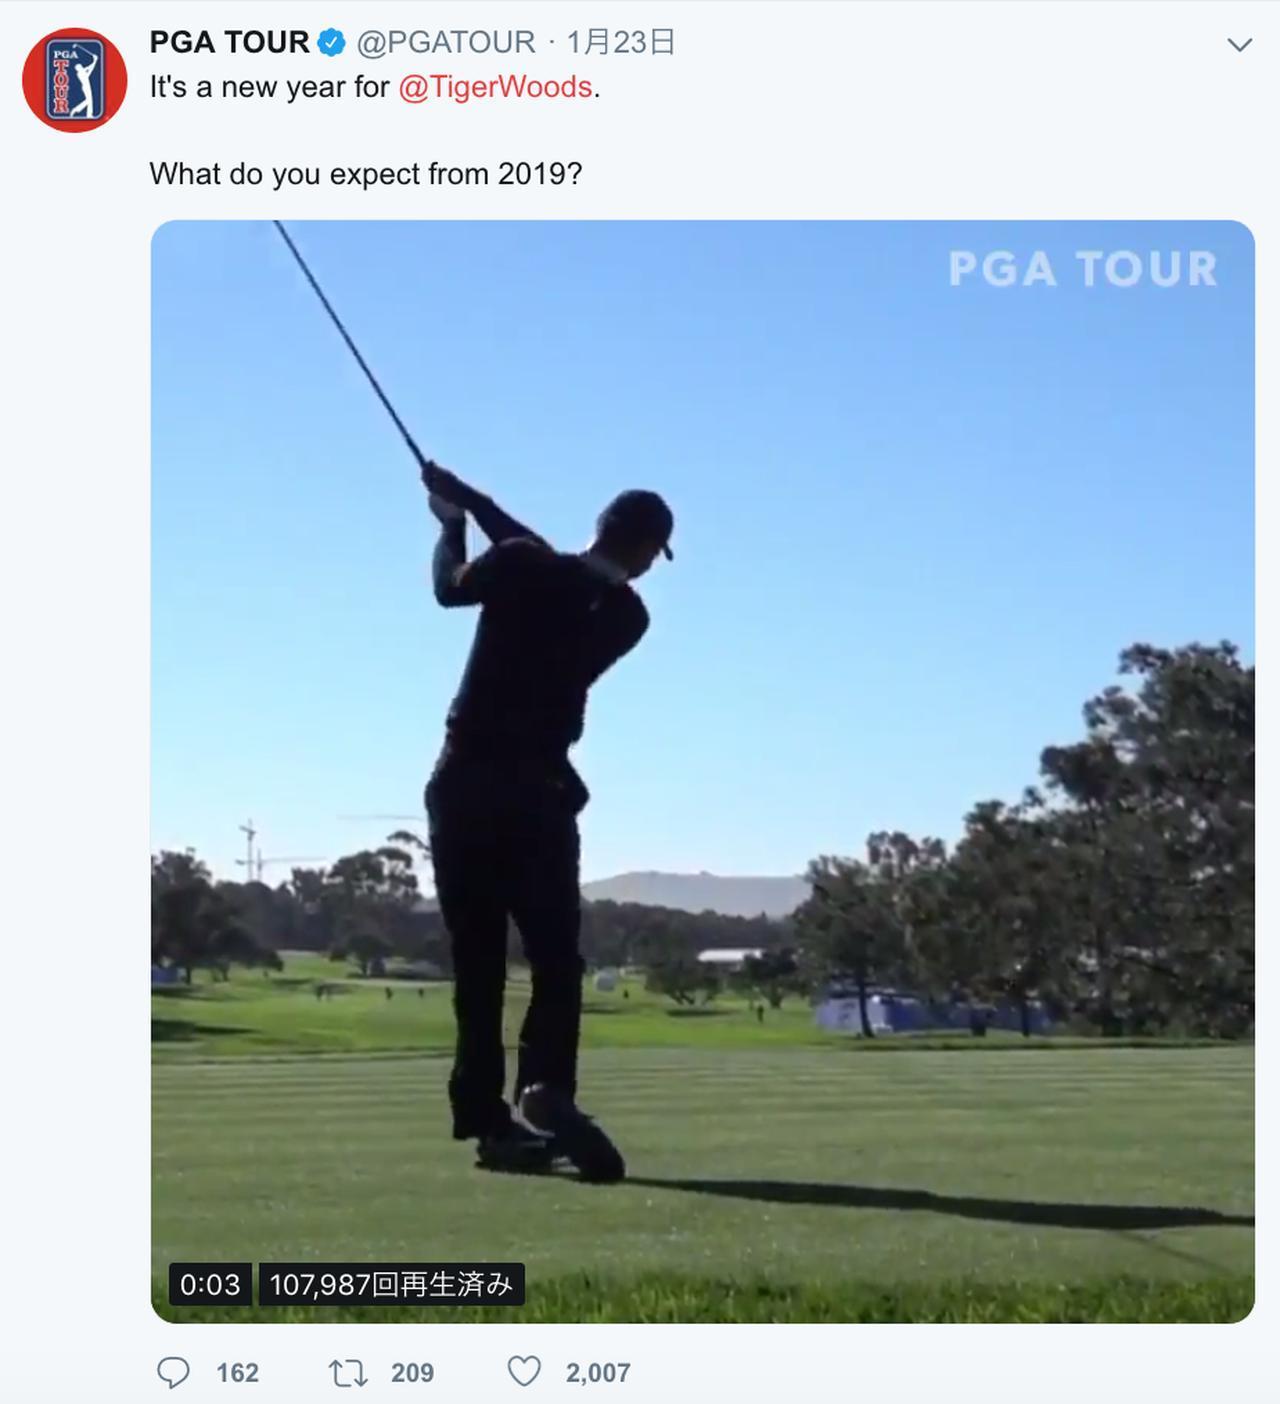 画像: タイガー・ウッズのスウィング動画を、PGAツアーが公開。多くのファンがこれに反応した(画像はPGAツアー公式ツイッターの画面キャプチャ)